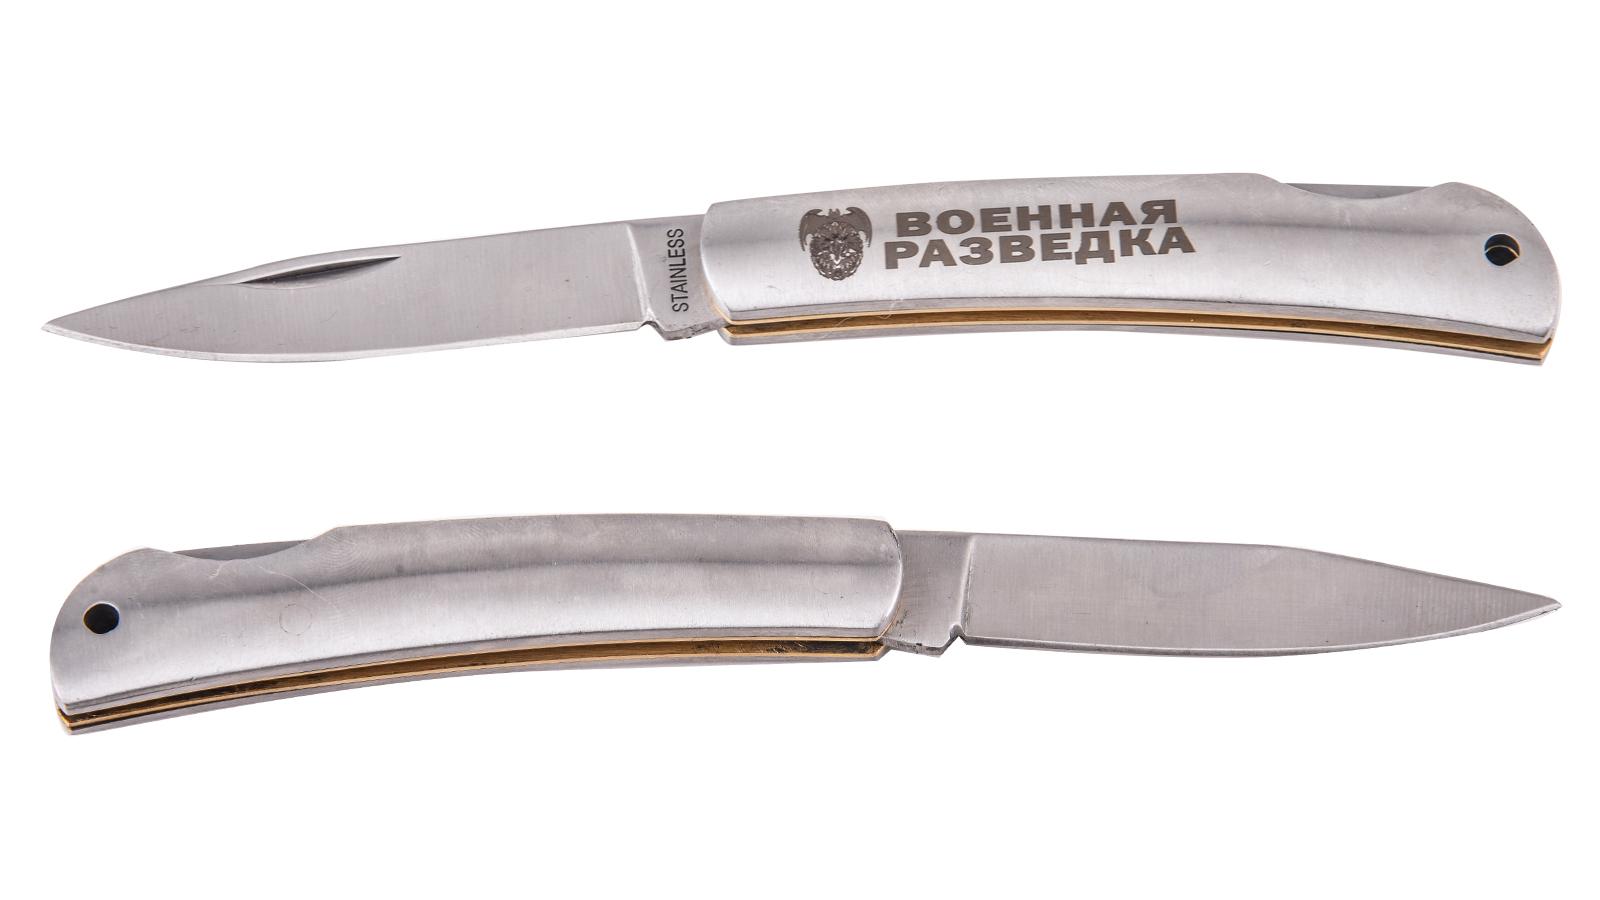 """Заказать надёжный складной нож с гравировкой """"Военная разведка"""""""